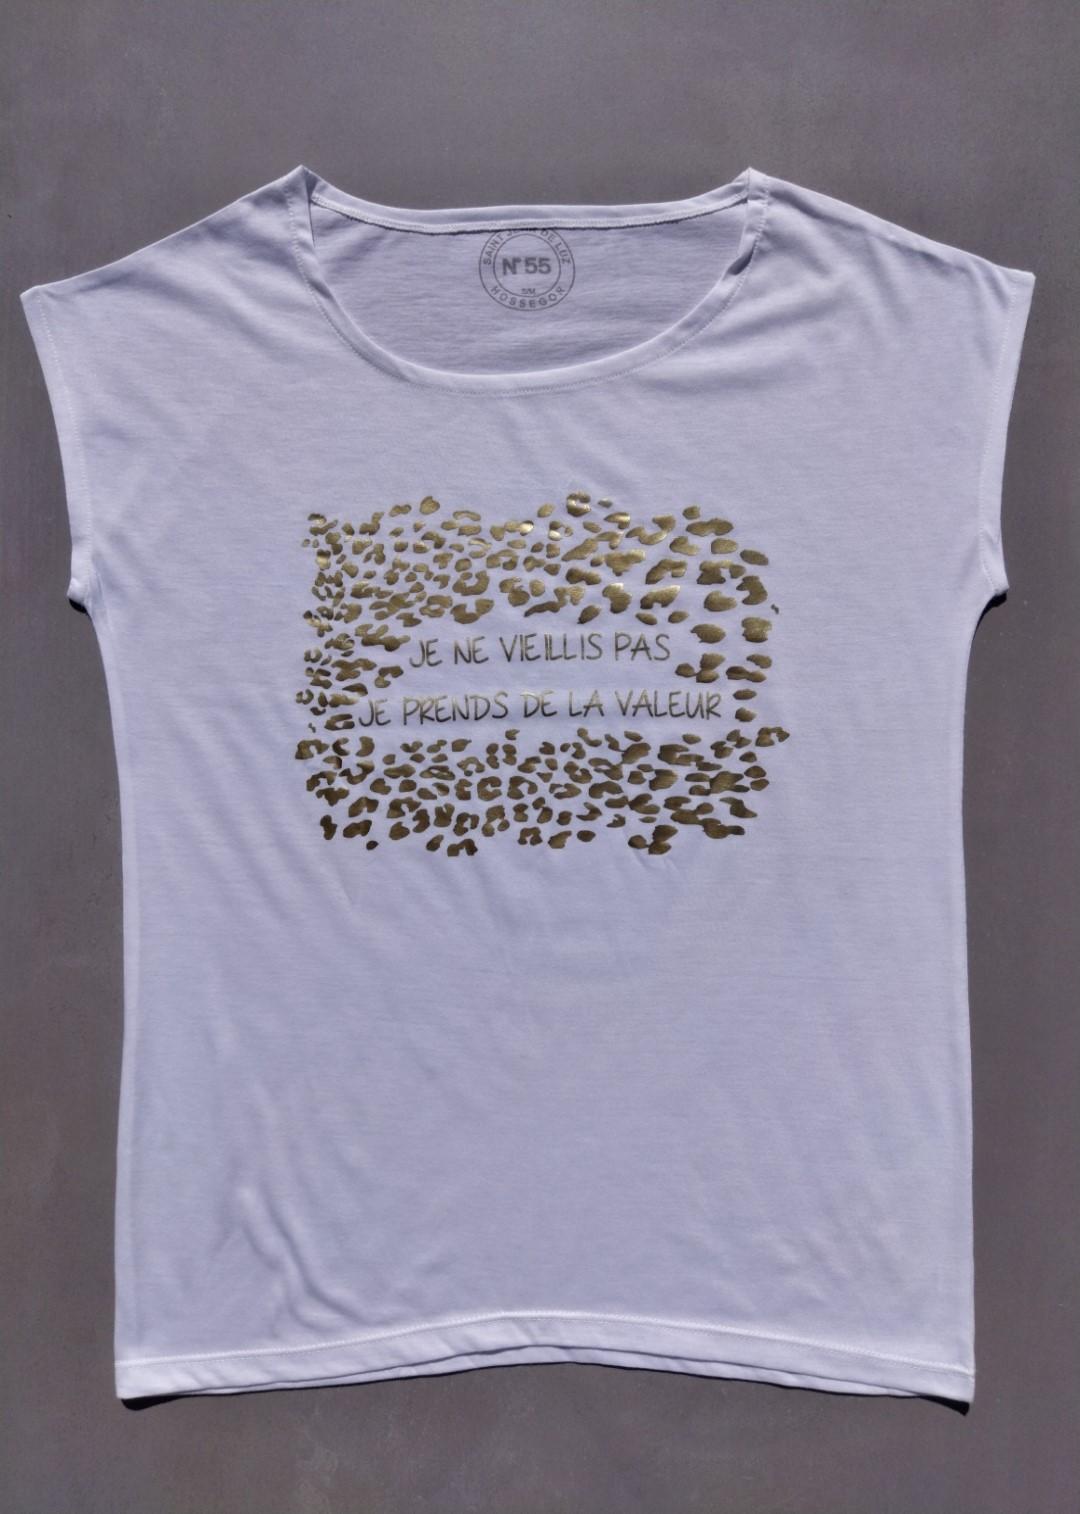 Tee shirt blanc N°55 je ne vieillis pas je prends de la valeur or.